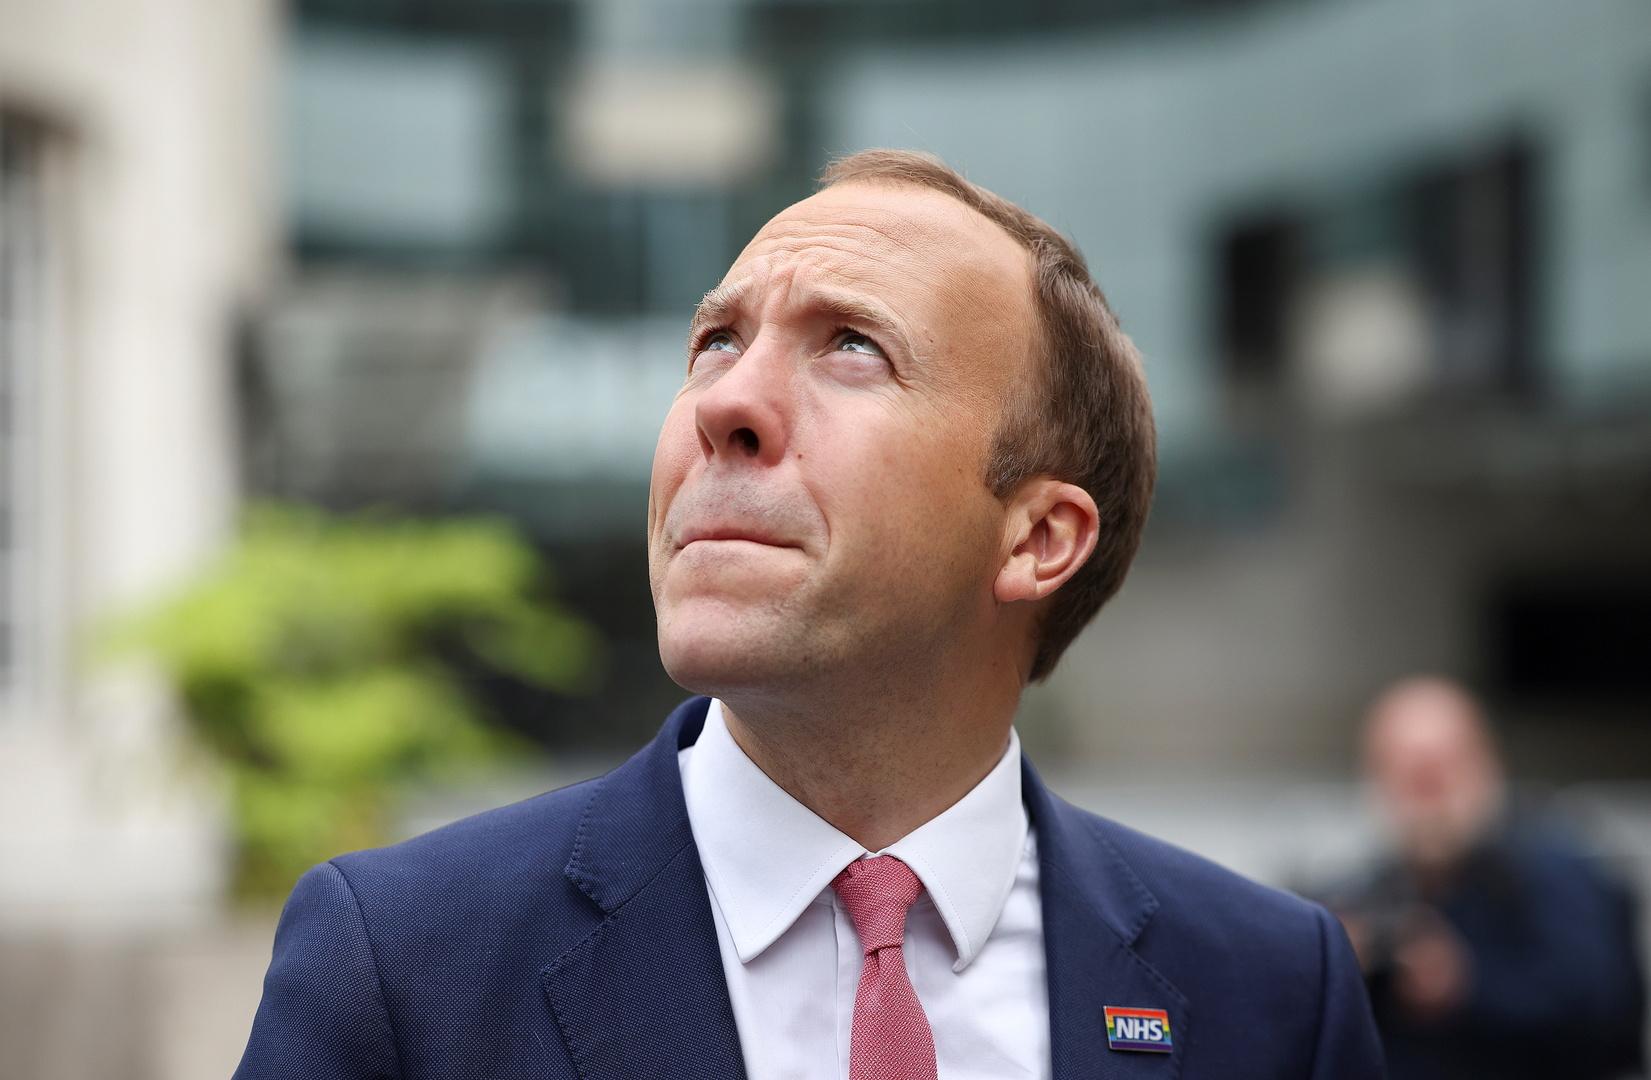 وزير الصحة البريطاني يؤكد اتباع الإرشادات حول كورونا